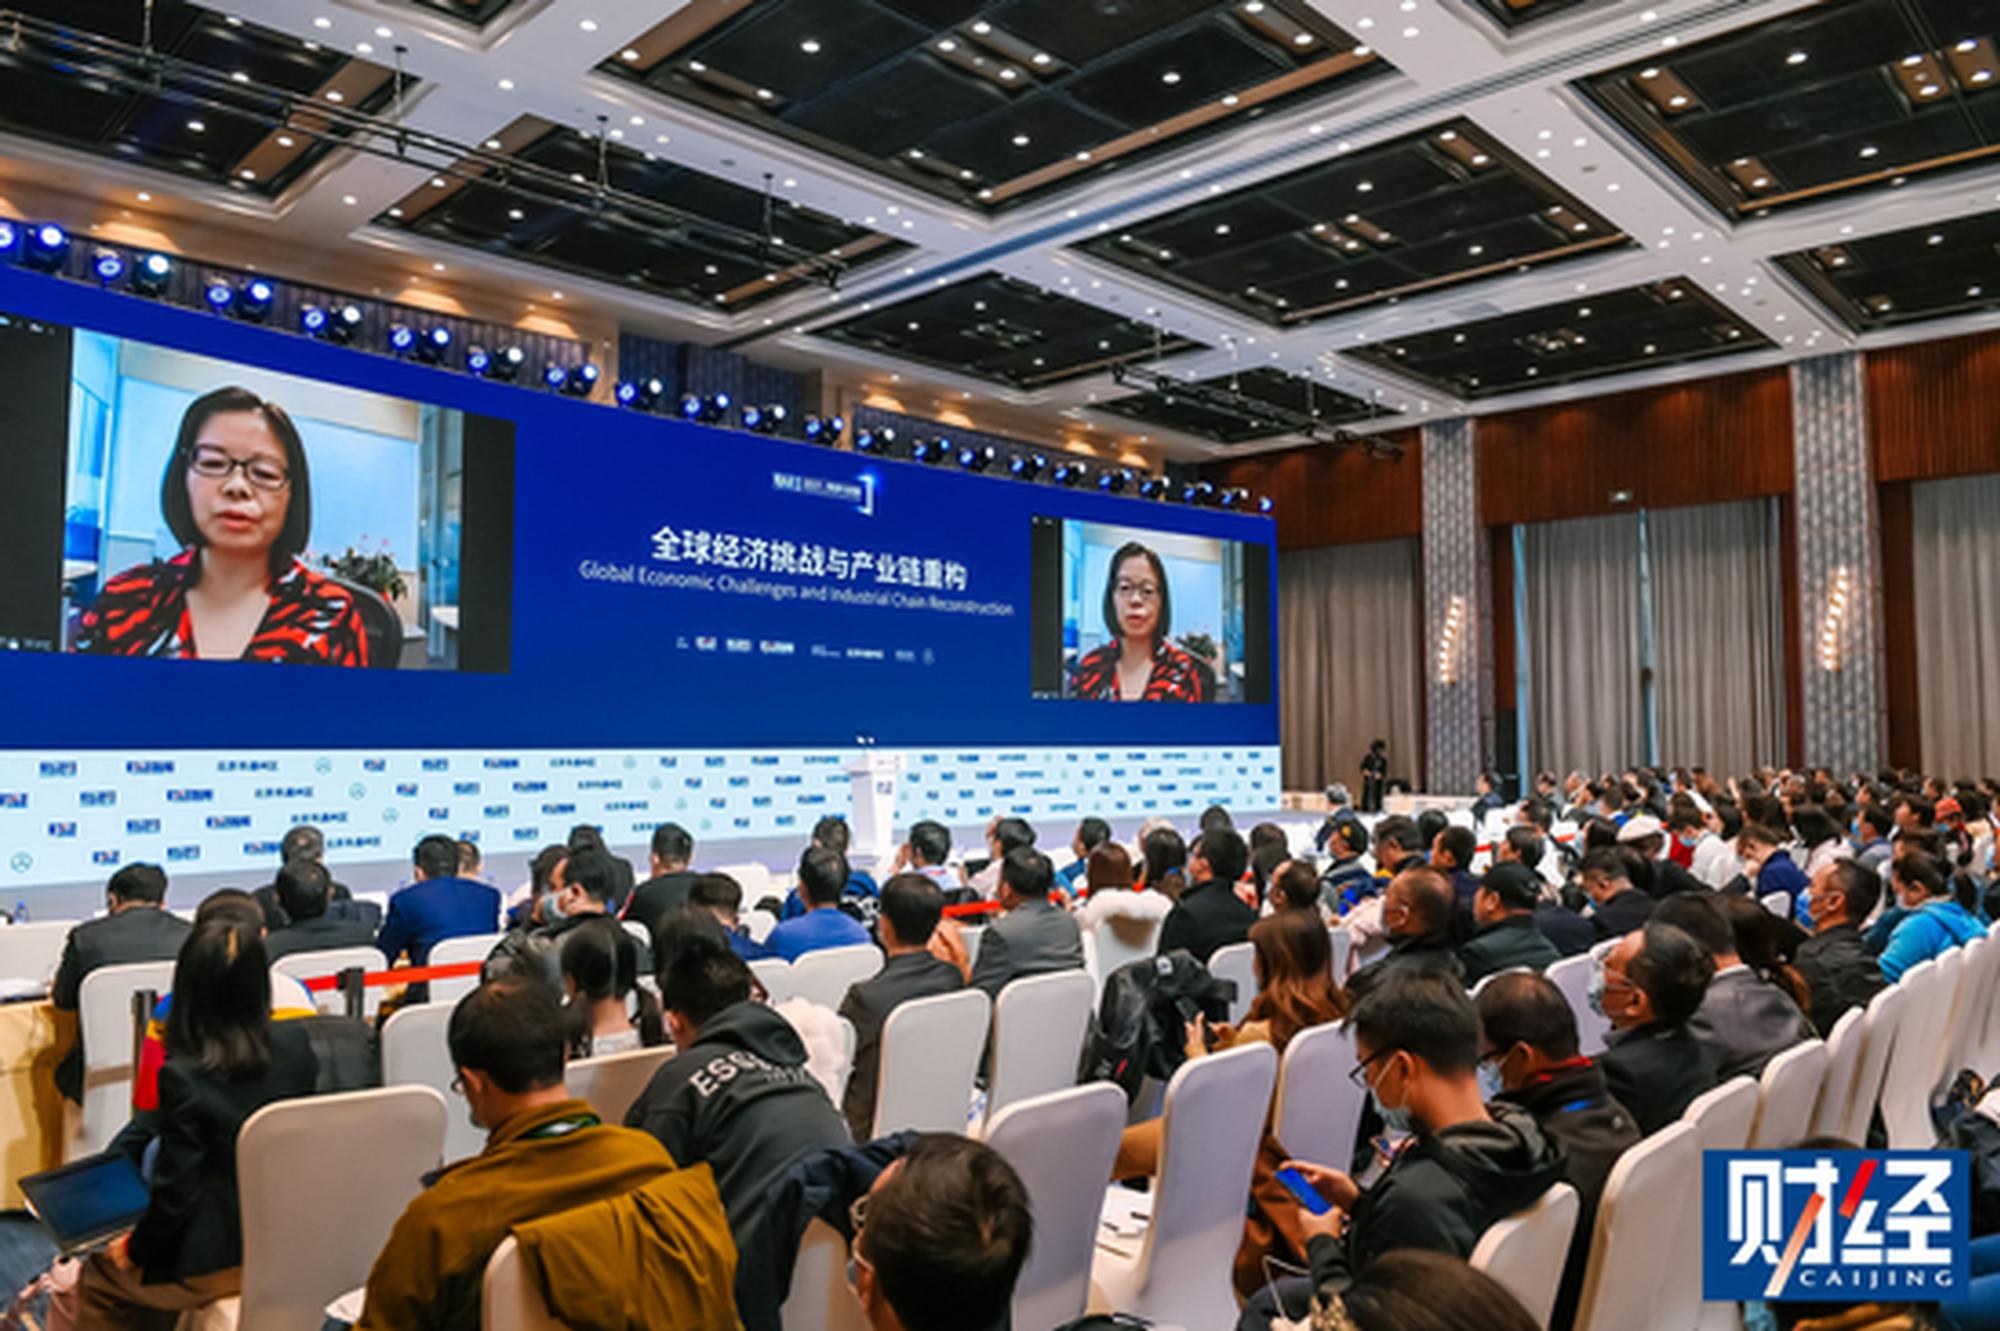 瑞银亚洲经济研究主管汪涛:预计2021年中国经济增长8.2%